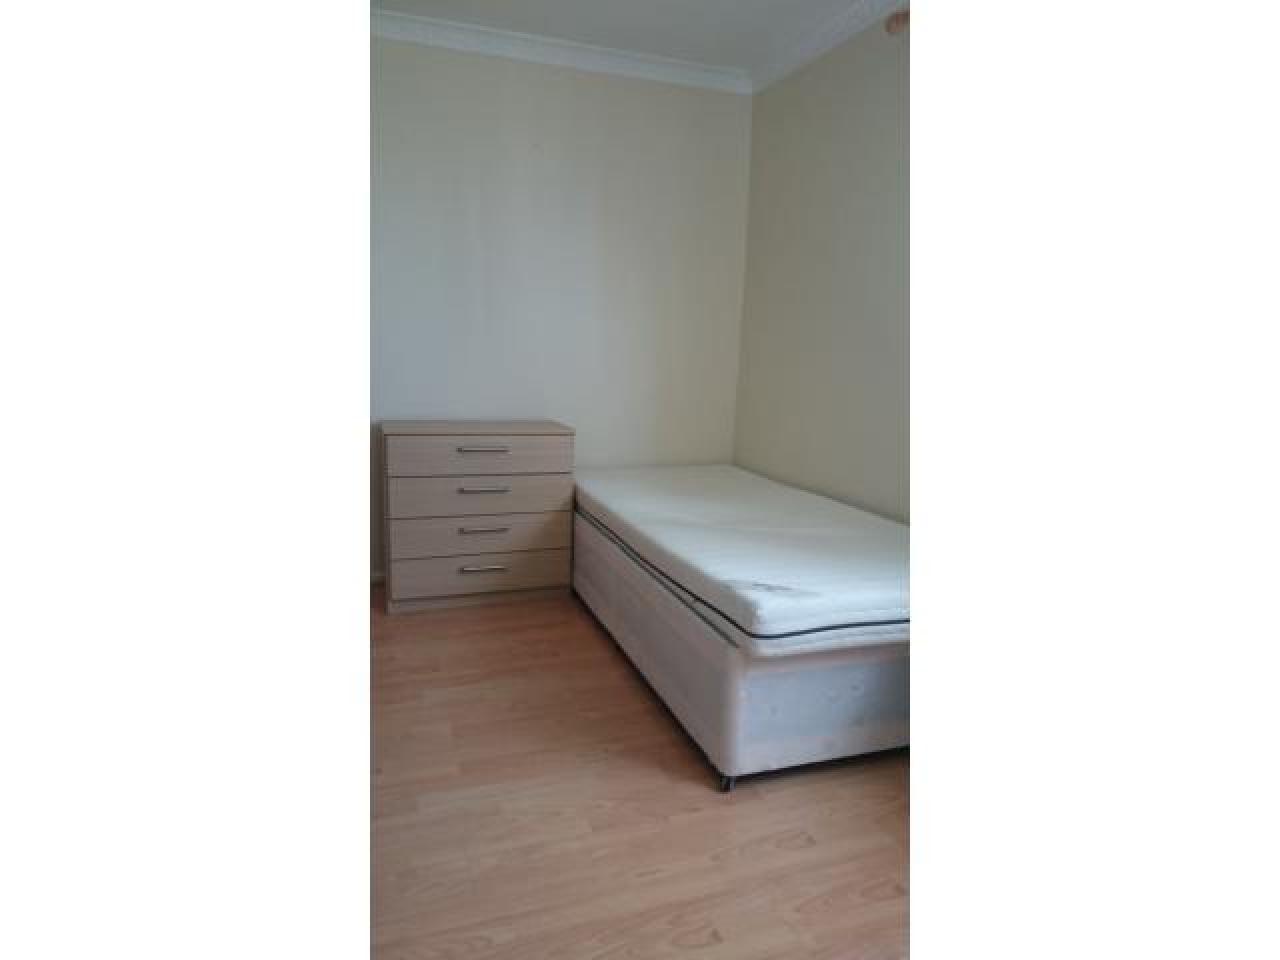 Двухместная комната недалеко от Canary Wharf (2 зона) в большом доме со всеми удобствами - 4